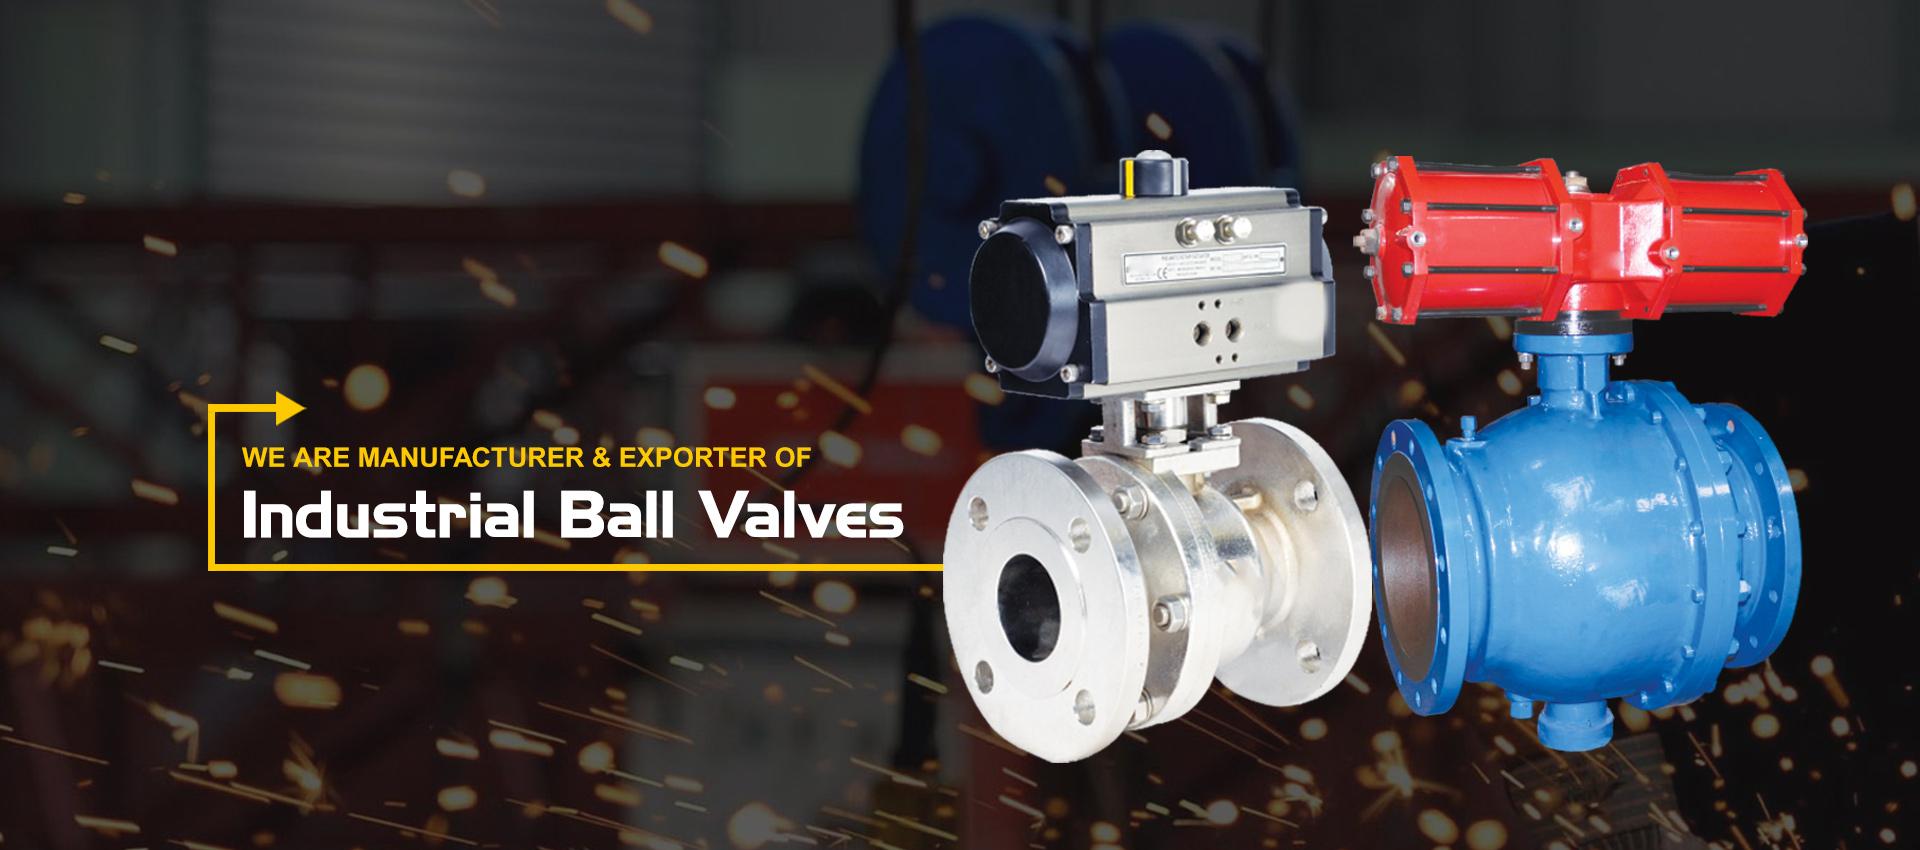 Industrial Ball Valves